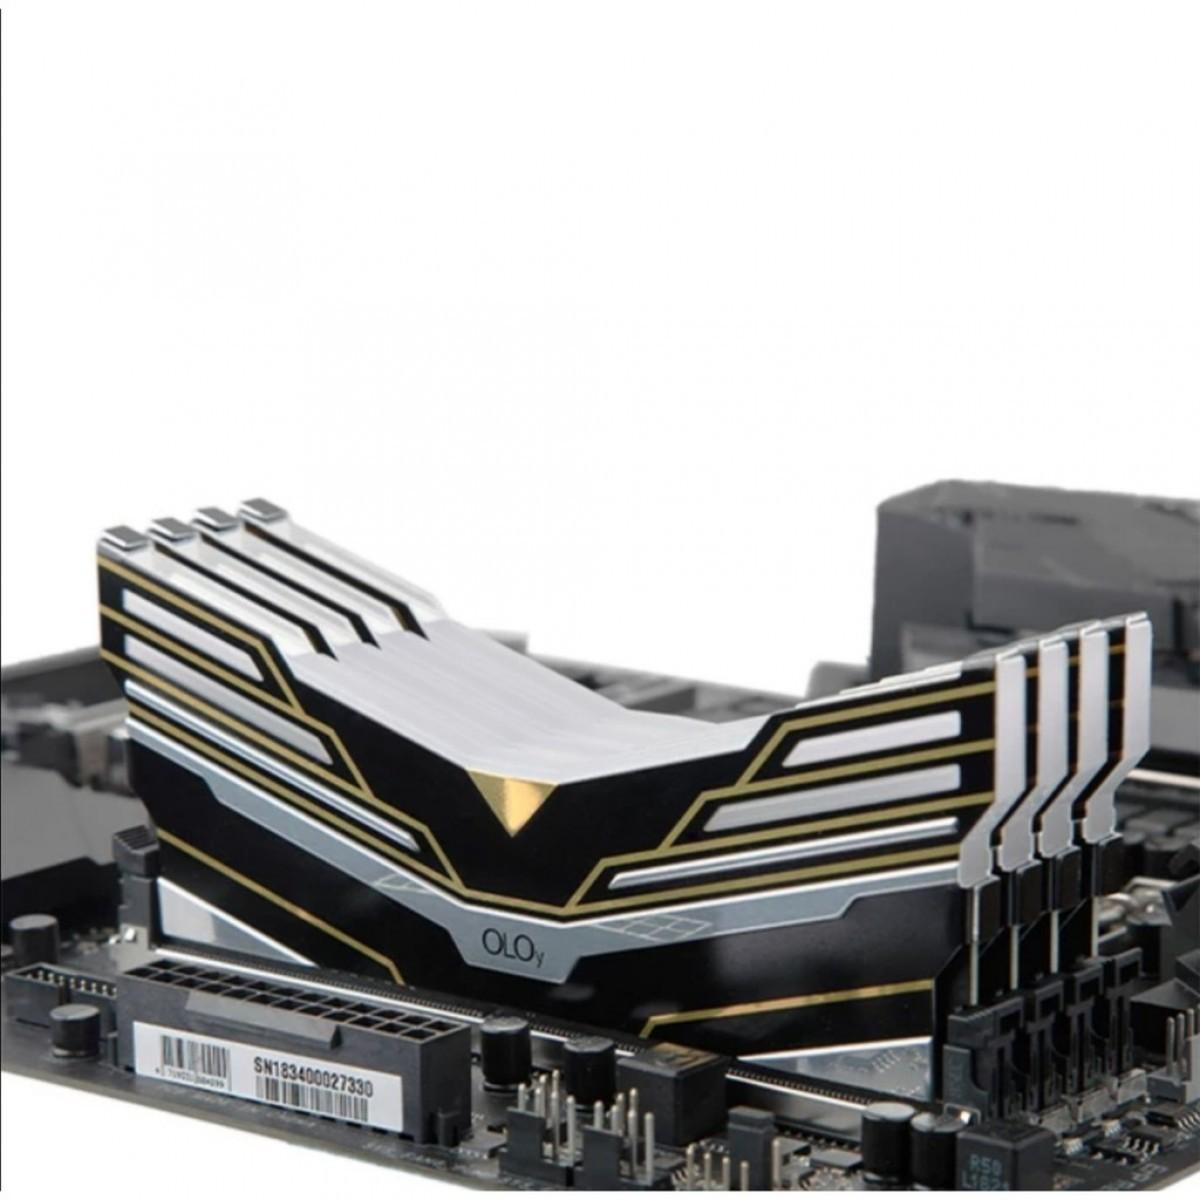 Memória DDR4 OLOy WarHawk Black, 8GB, 3000MHZ, RGB, MD4U083016BESA - IMP